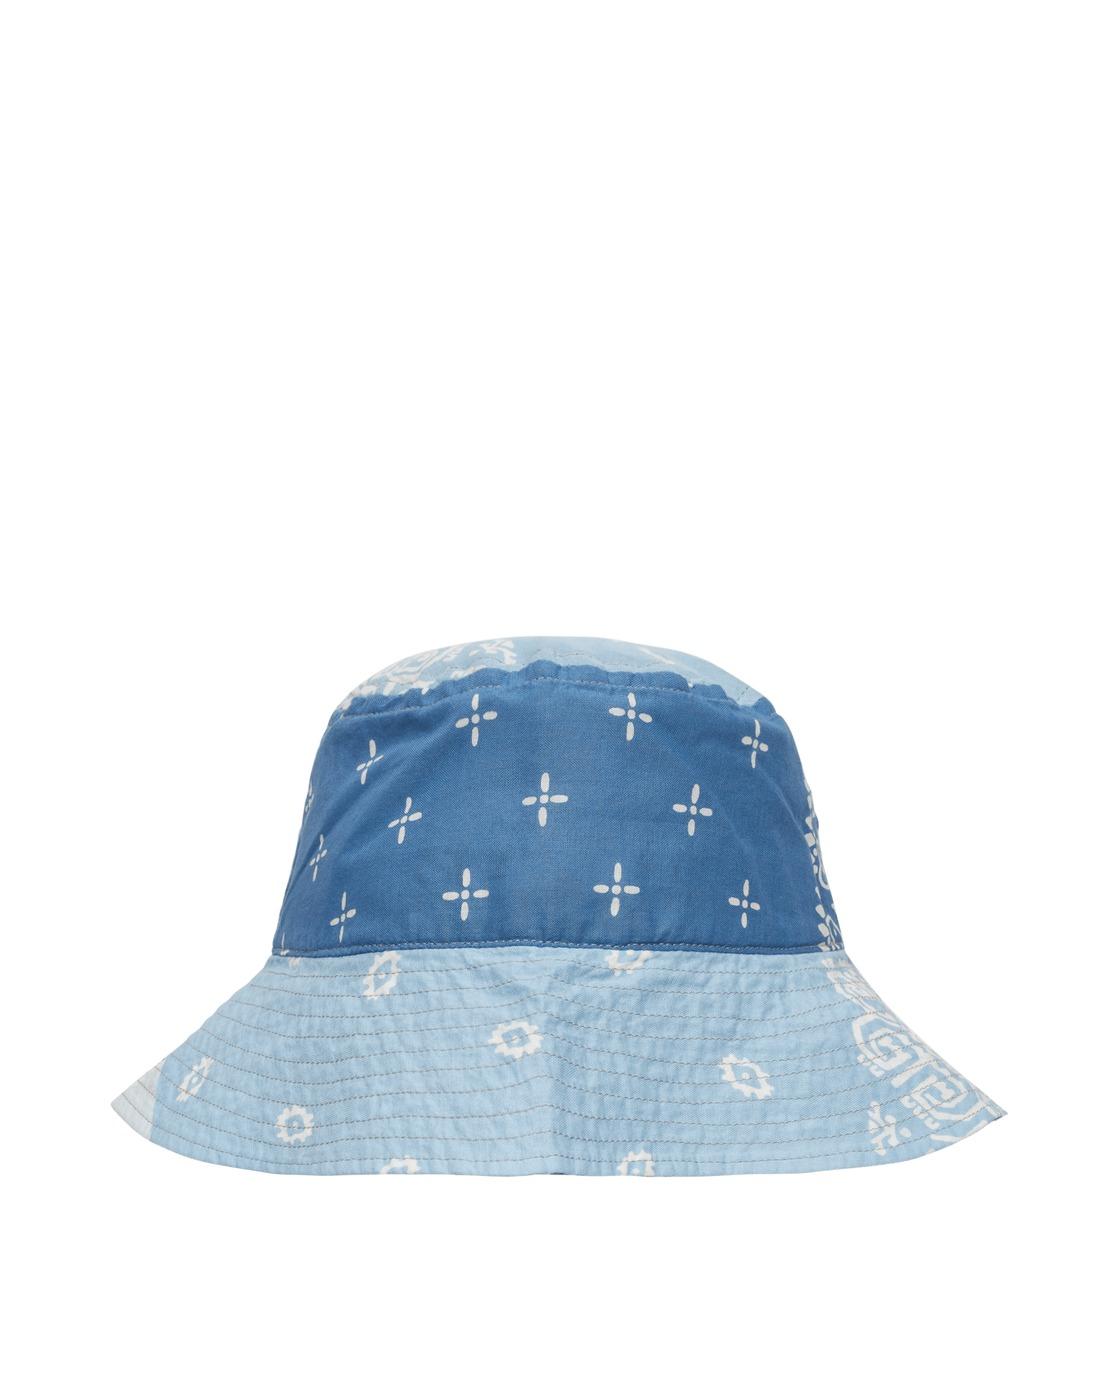 Kapital Bandana Patchwork Bucket Hat Sax